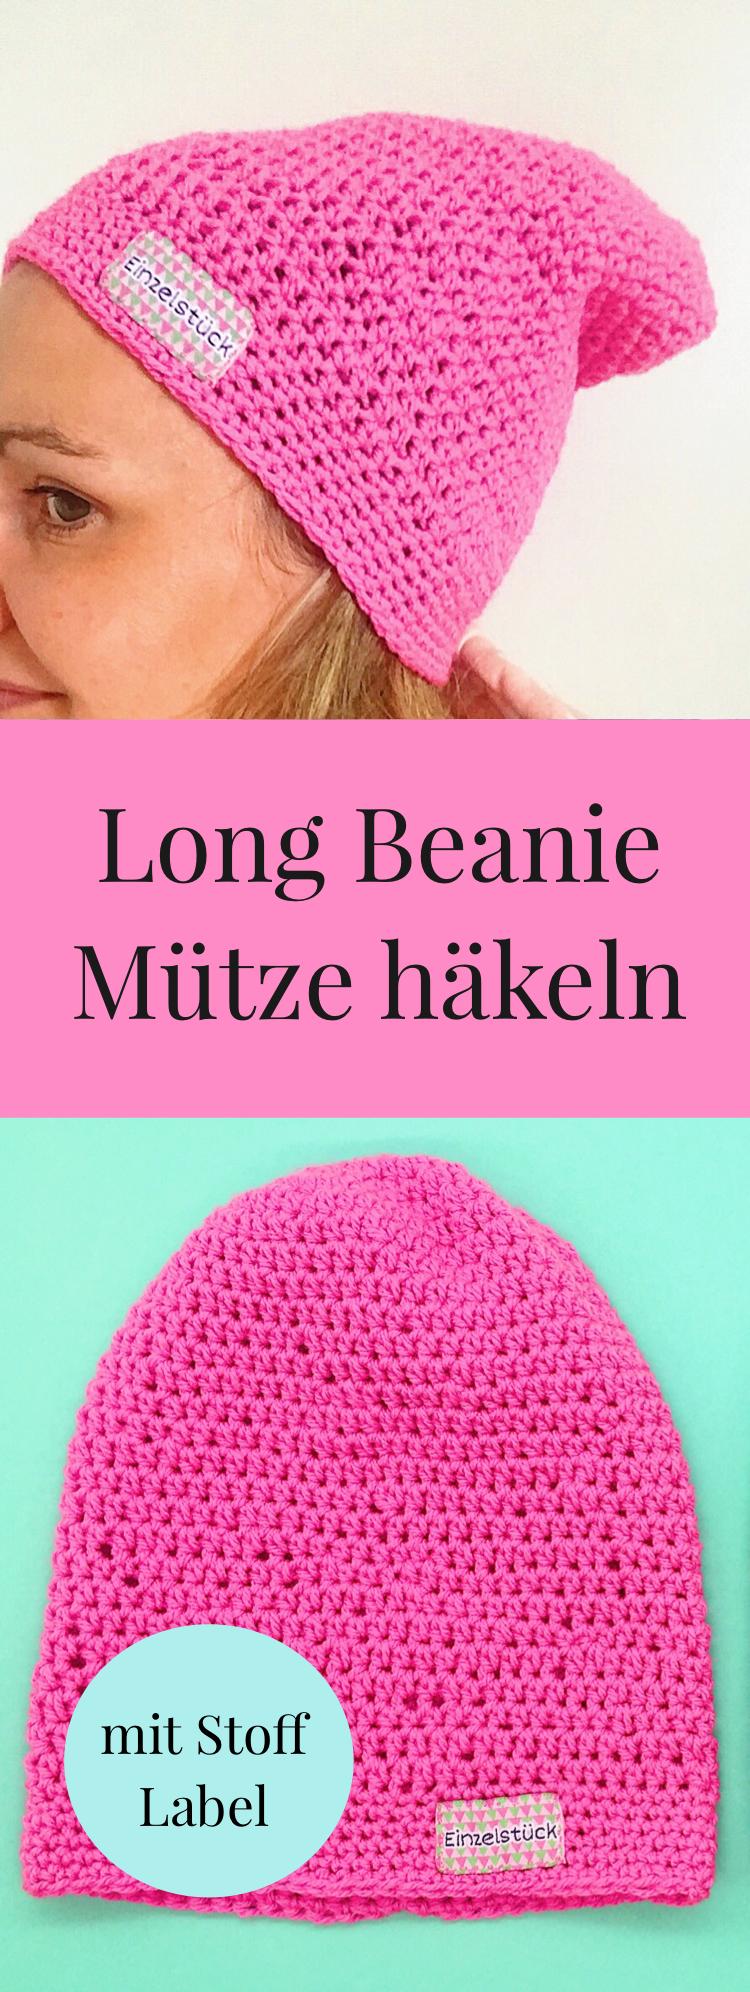 Beanie) Mütze häkeln – einfache Häkelanleitung, auch für Anfänger ...